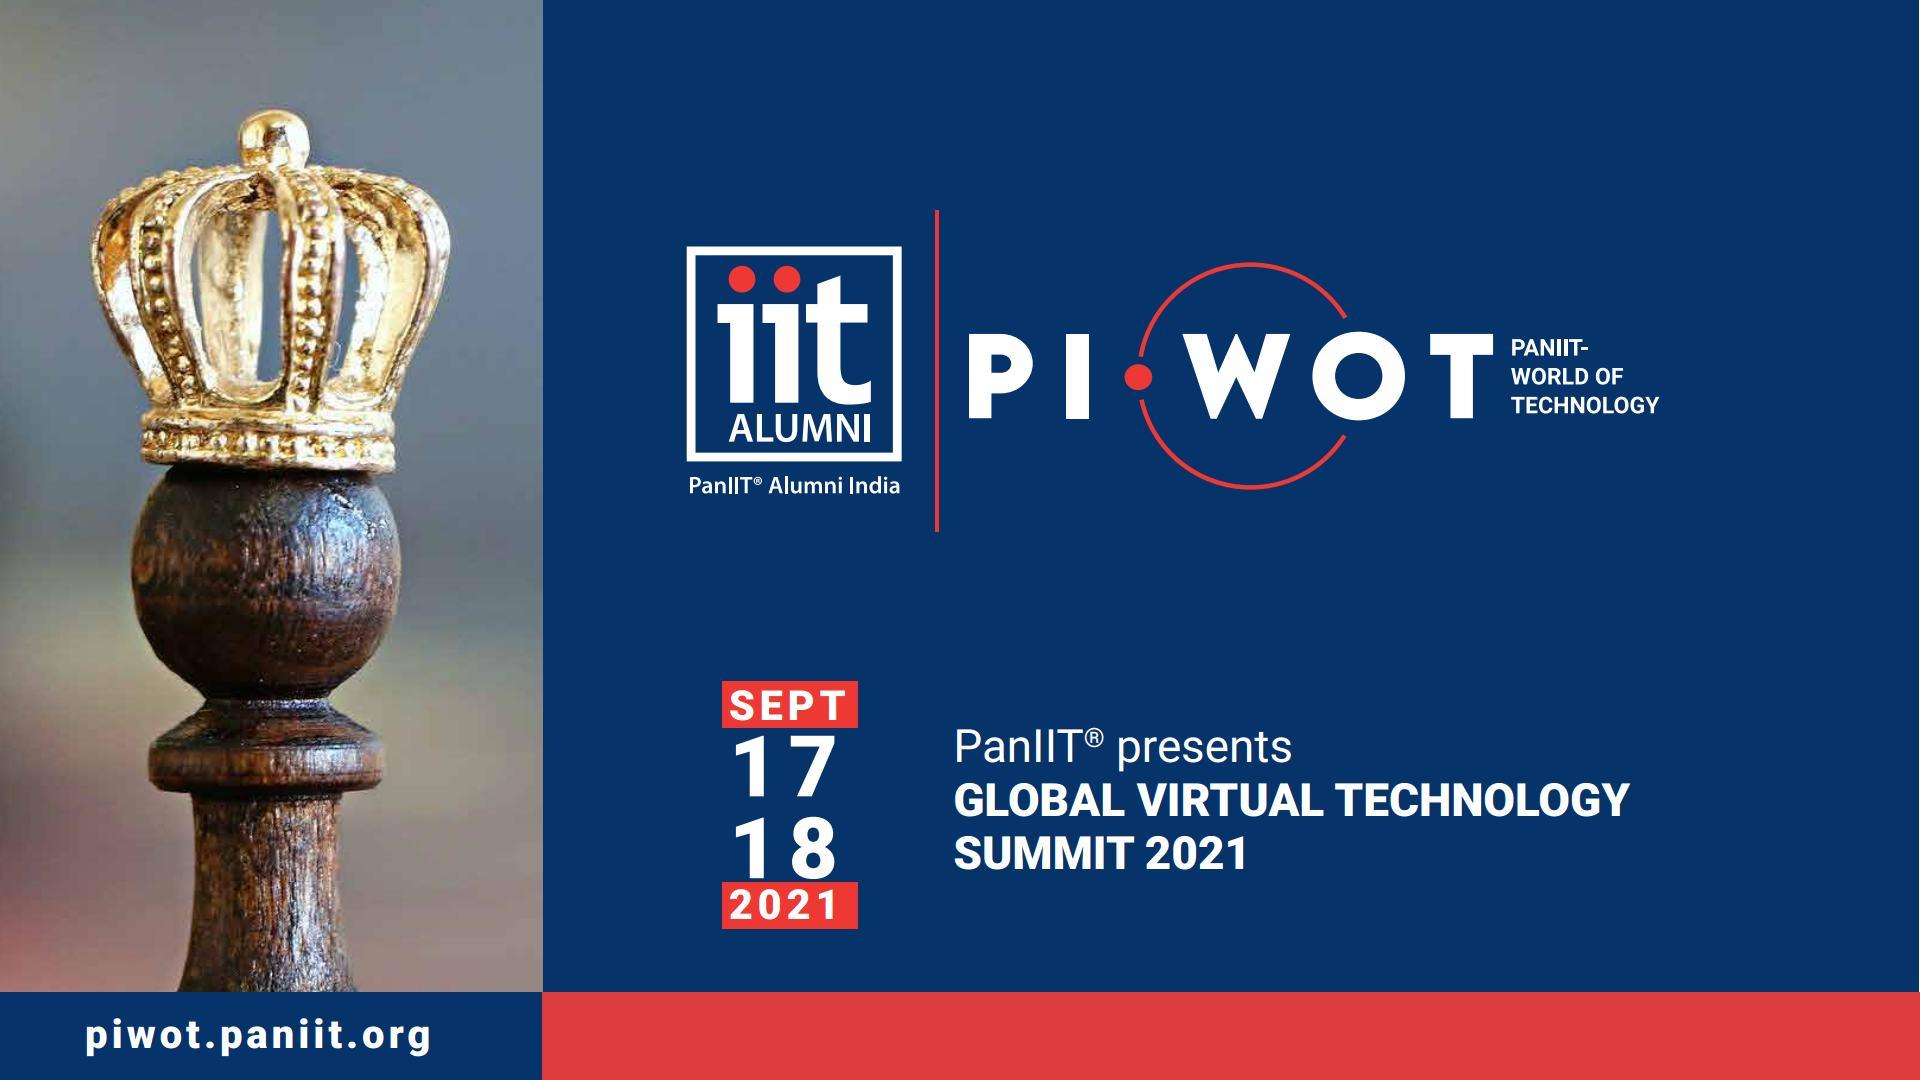 PI-WOT Global Virtual Technology Summit 2021